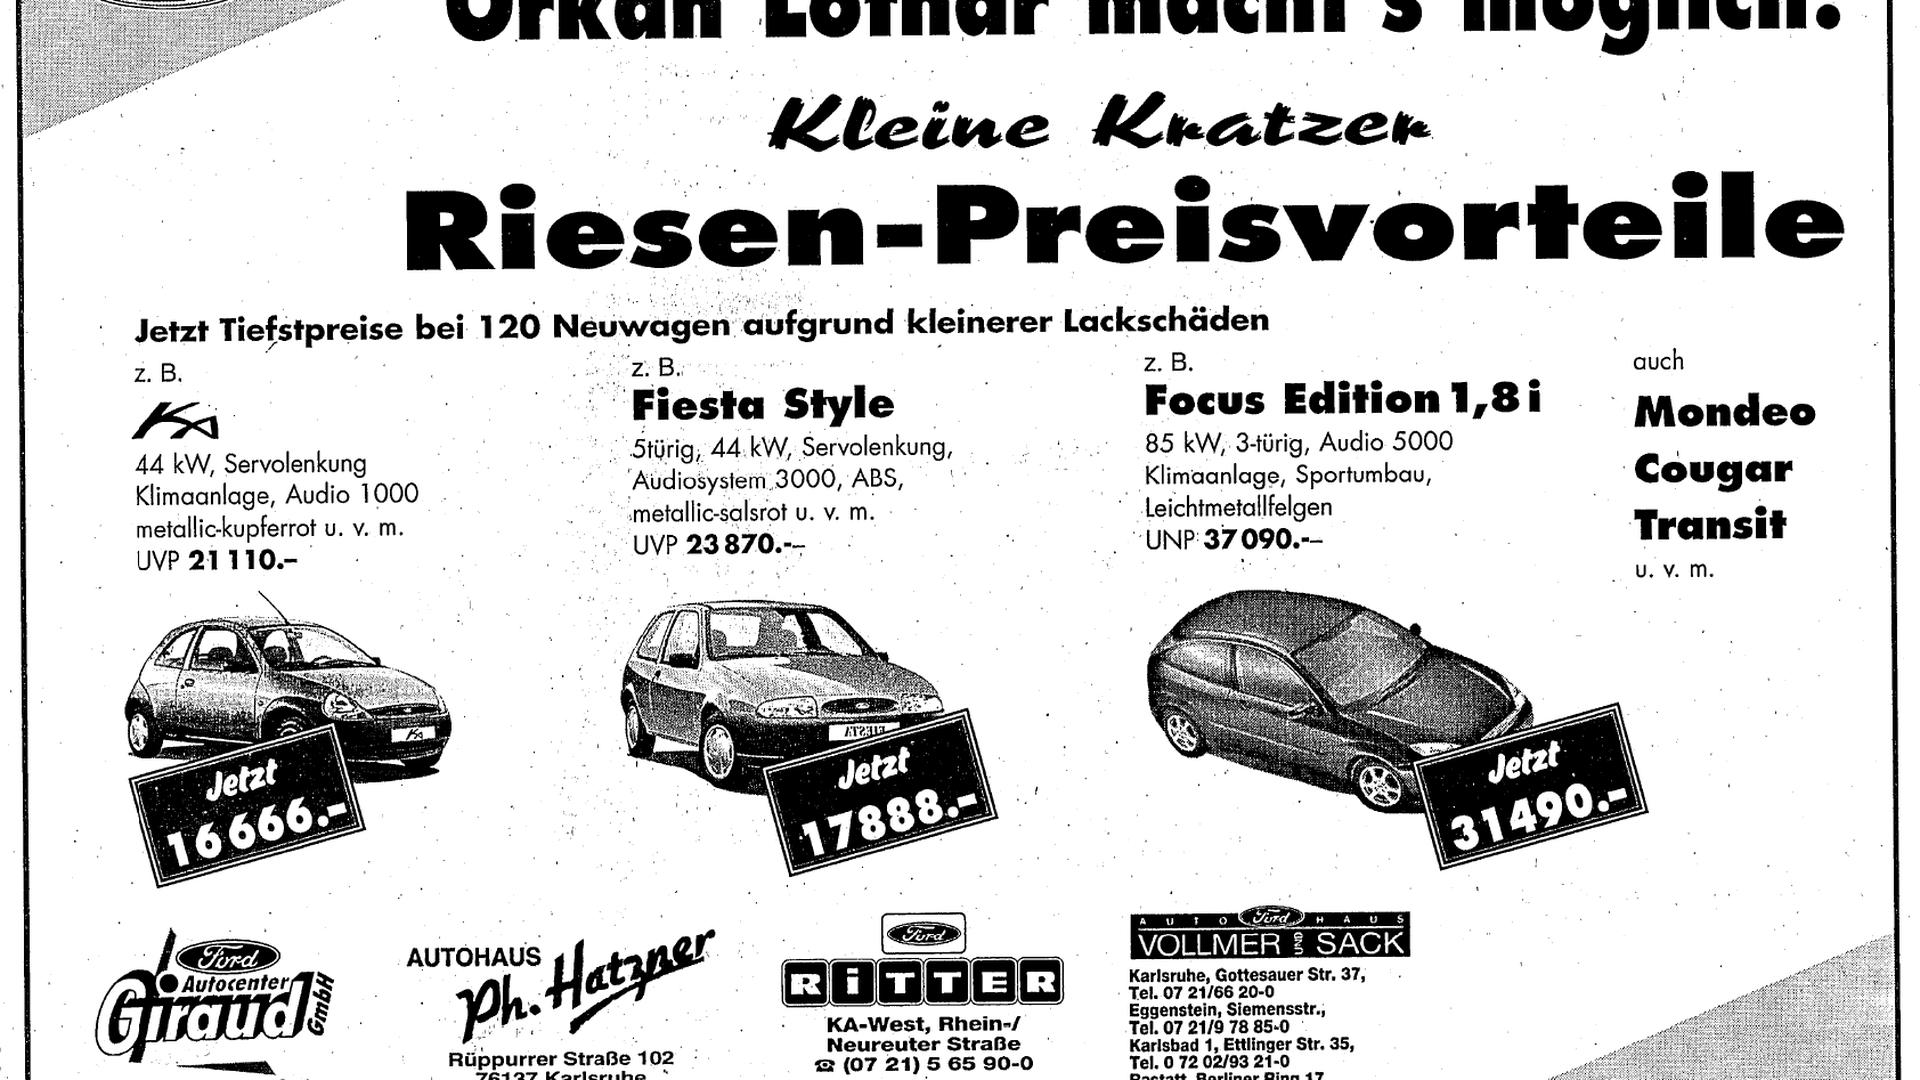 """Ford-Werbung von 2000 mit der Aufschrift """"Orkan Lothar macht's möglich! Kleine Kratzer, Riesen-Preisvorteile"""""""